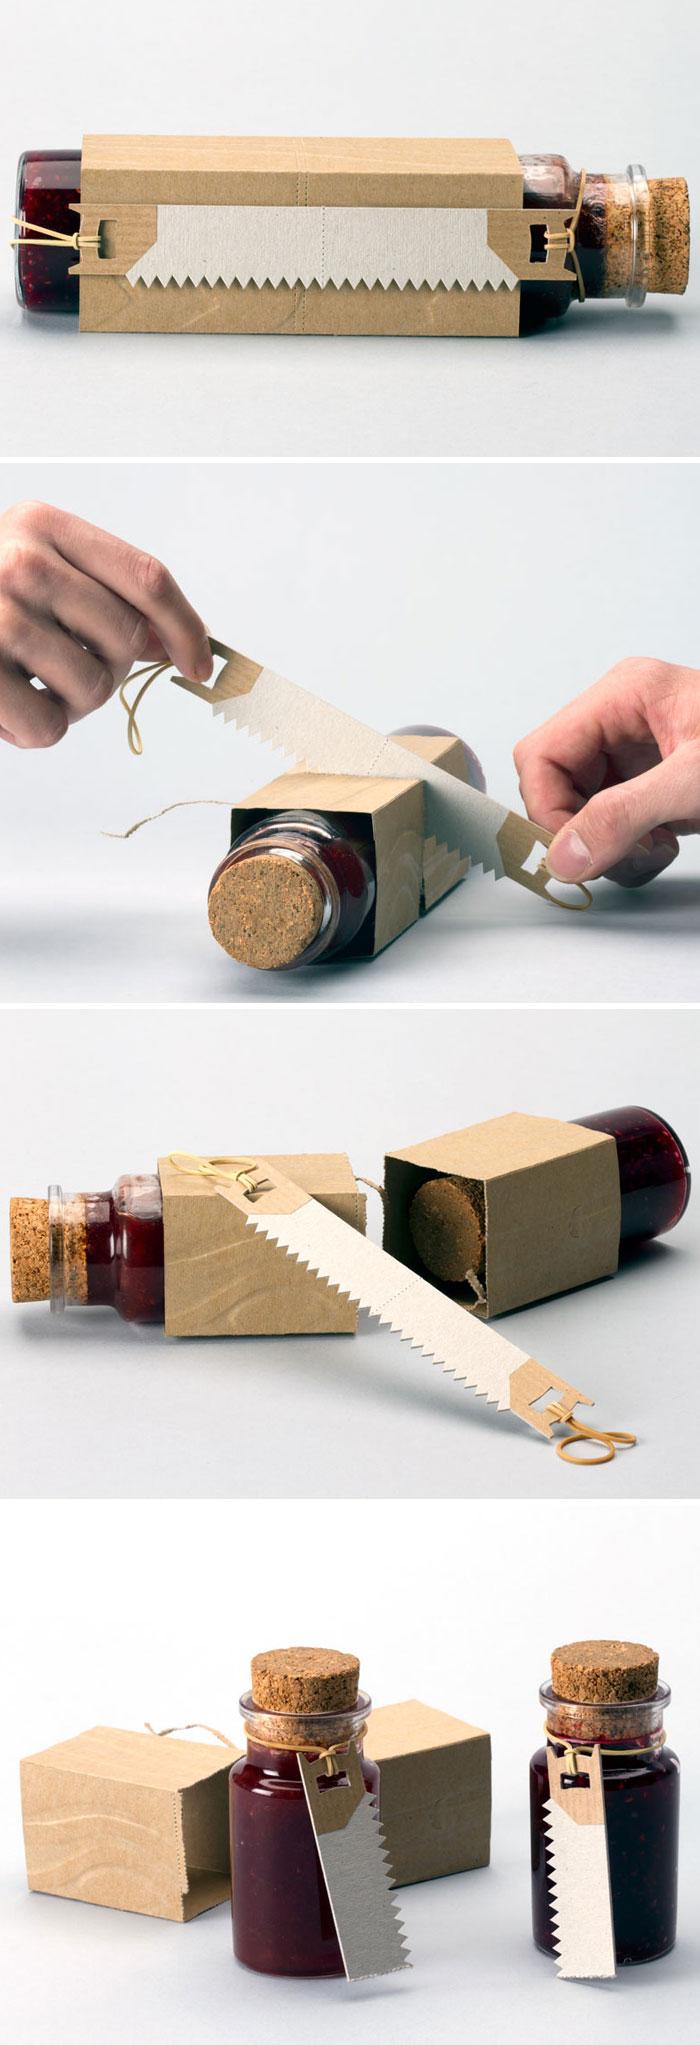 creative food packaging ideas 201 594a29e1e986e  700 - As embalagens criativas da publicidade (Parte 3)